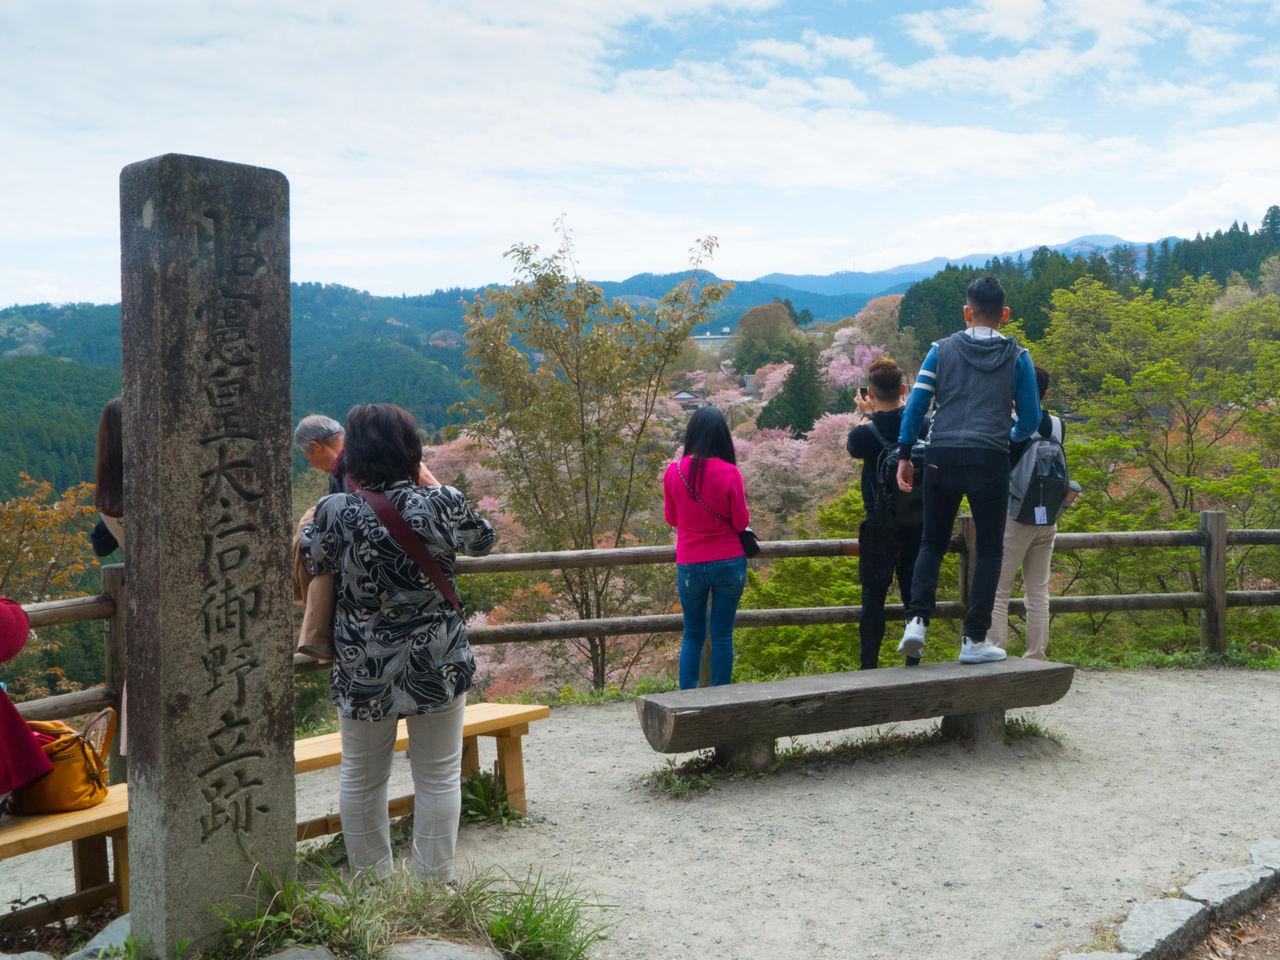 На смотровой площадке Онодати-ато можно полюбоваться цветами и передохнуть